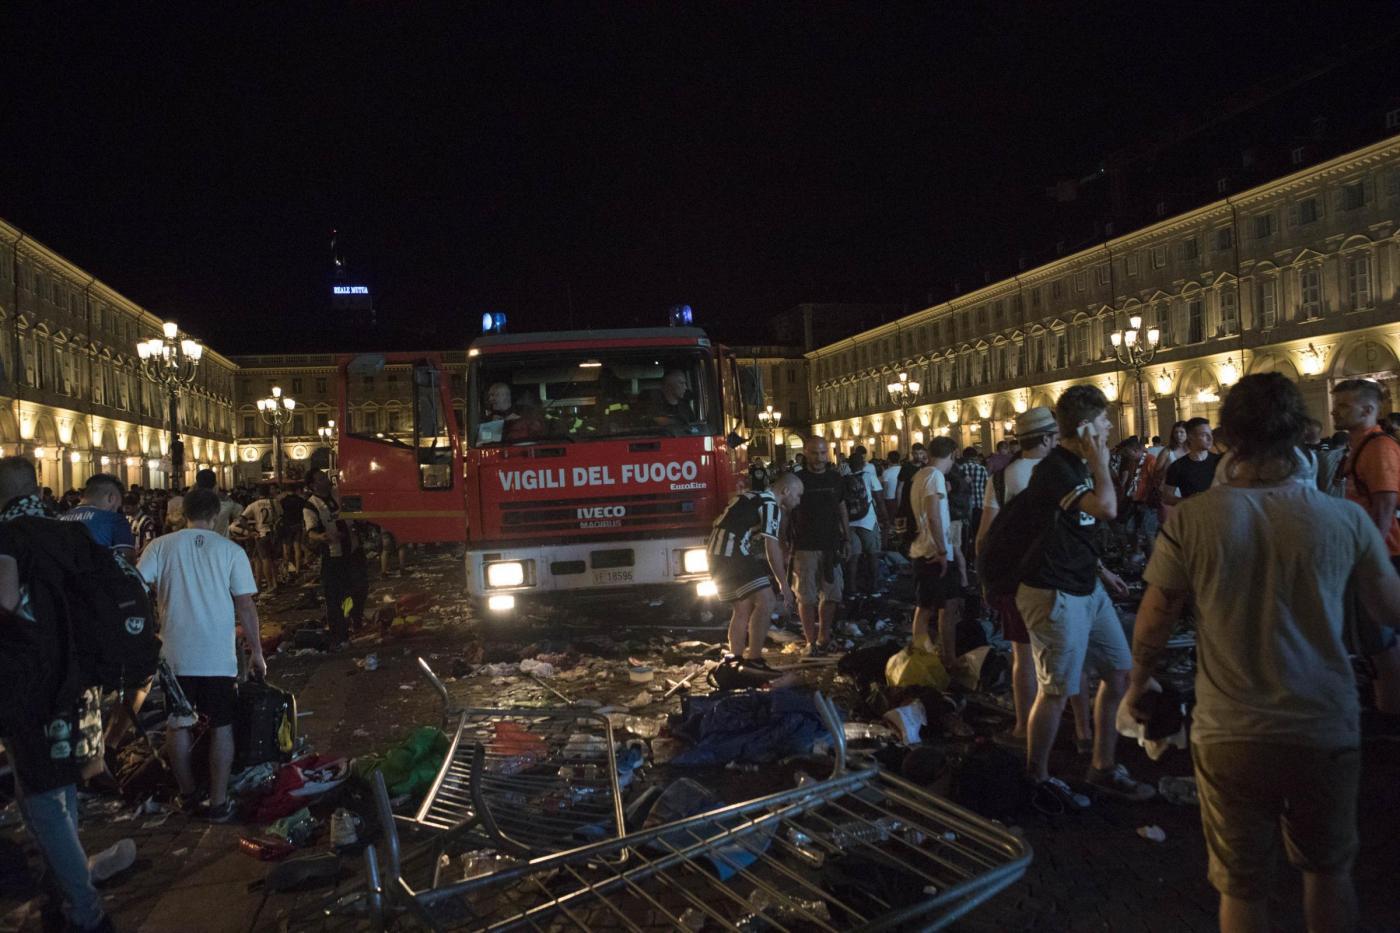 Champions League, panico a Torino in piazza San Carlo: tifosi della Juve in fuga